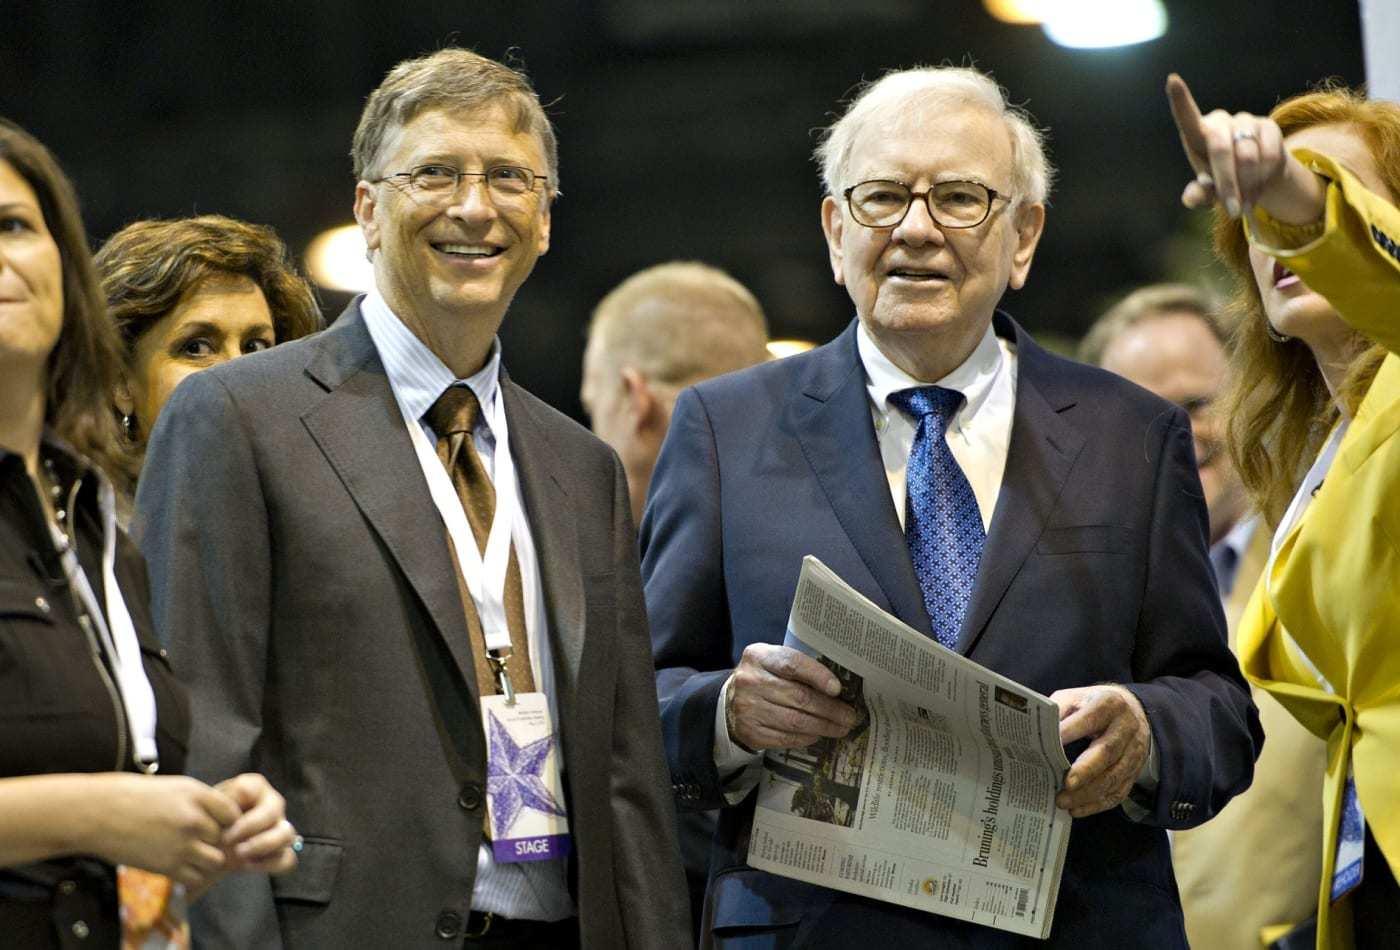 warren-buffett-and-Bill-Gates